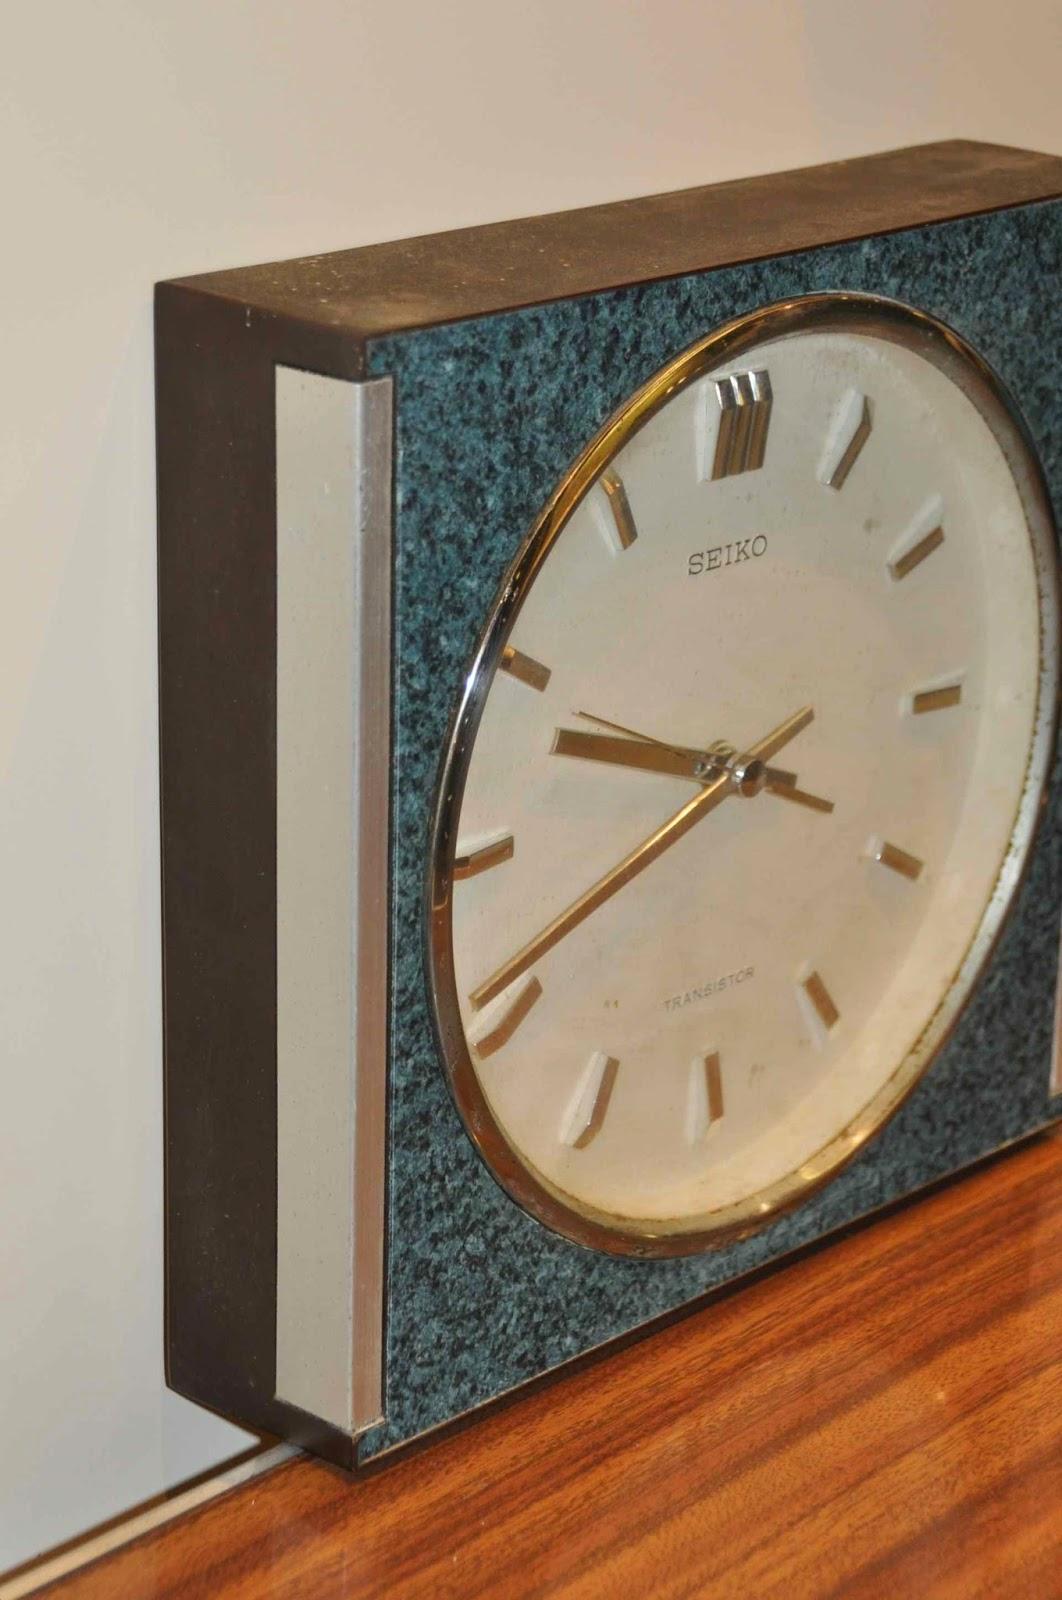 Reloj de pared seiko vintage jacoboansin - Relojes de pared personalizados ...